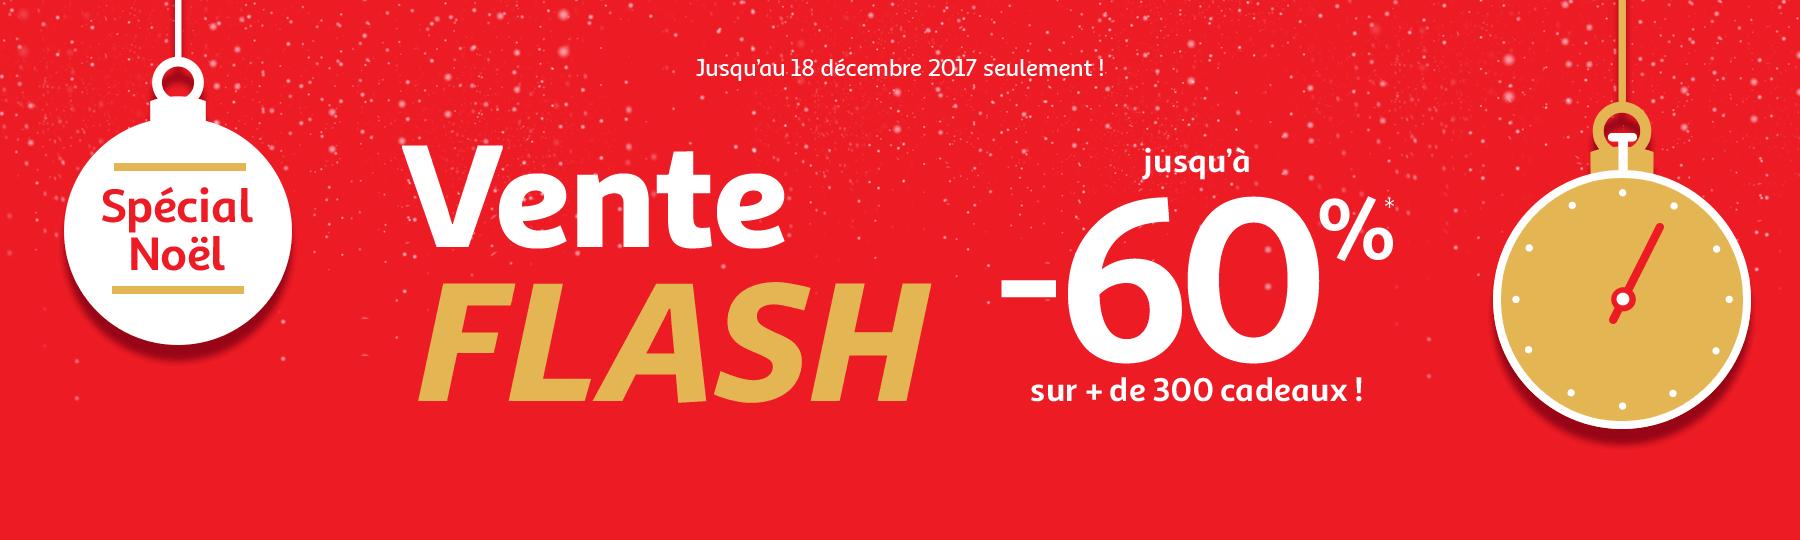 Jusqu'au 18 décembre : Vente Flash jusqu'à -60% sur + de 300 cadeaux !